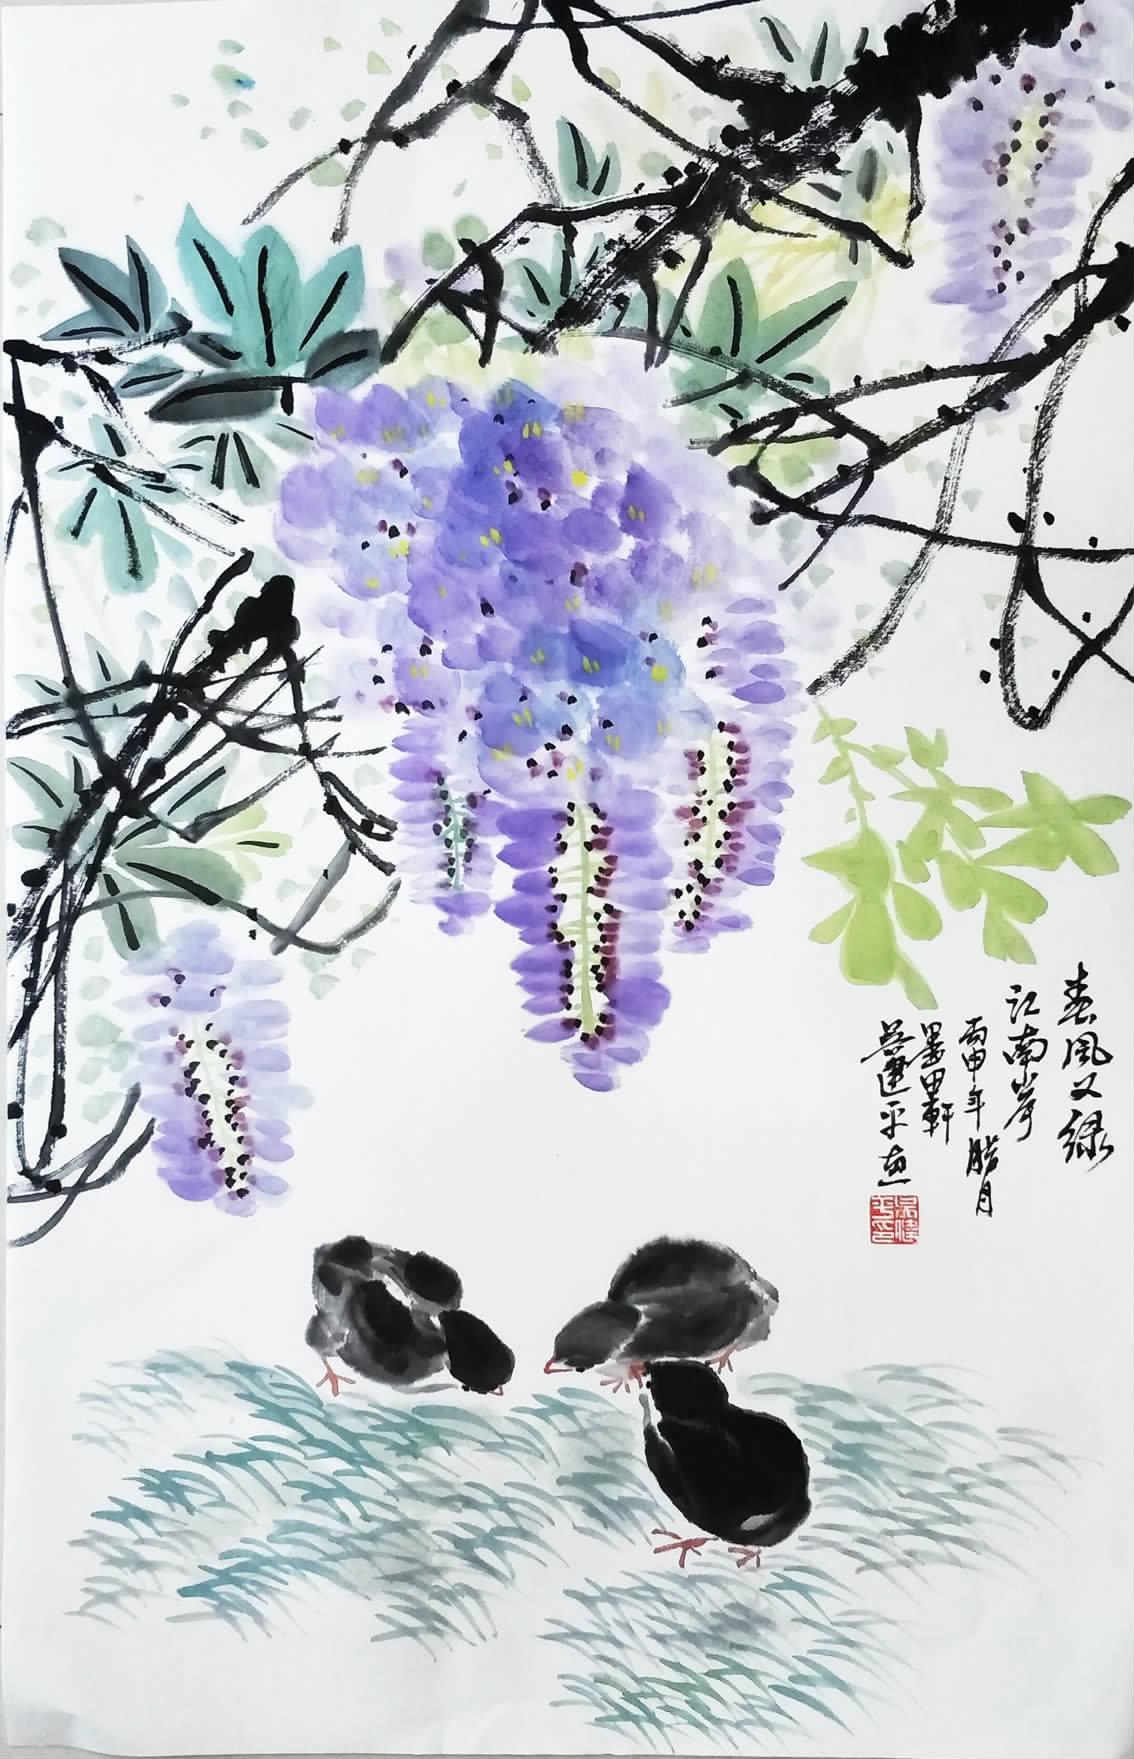 《春风又绿江南岸》